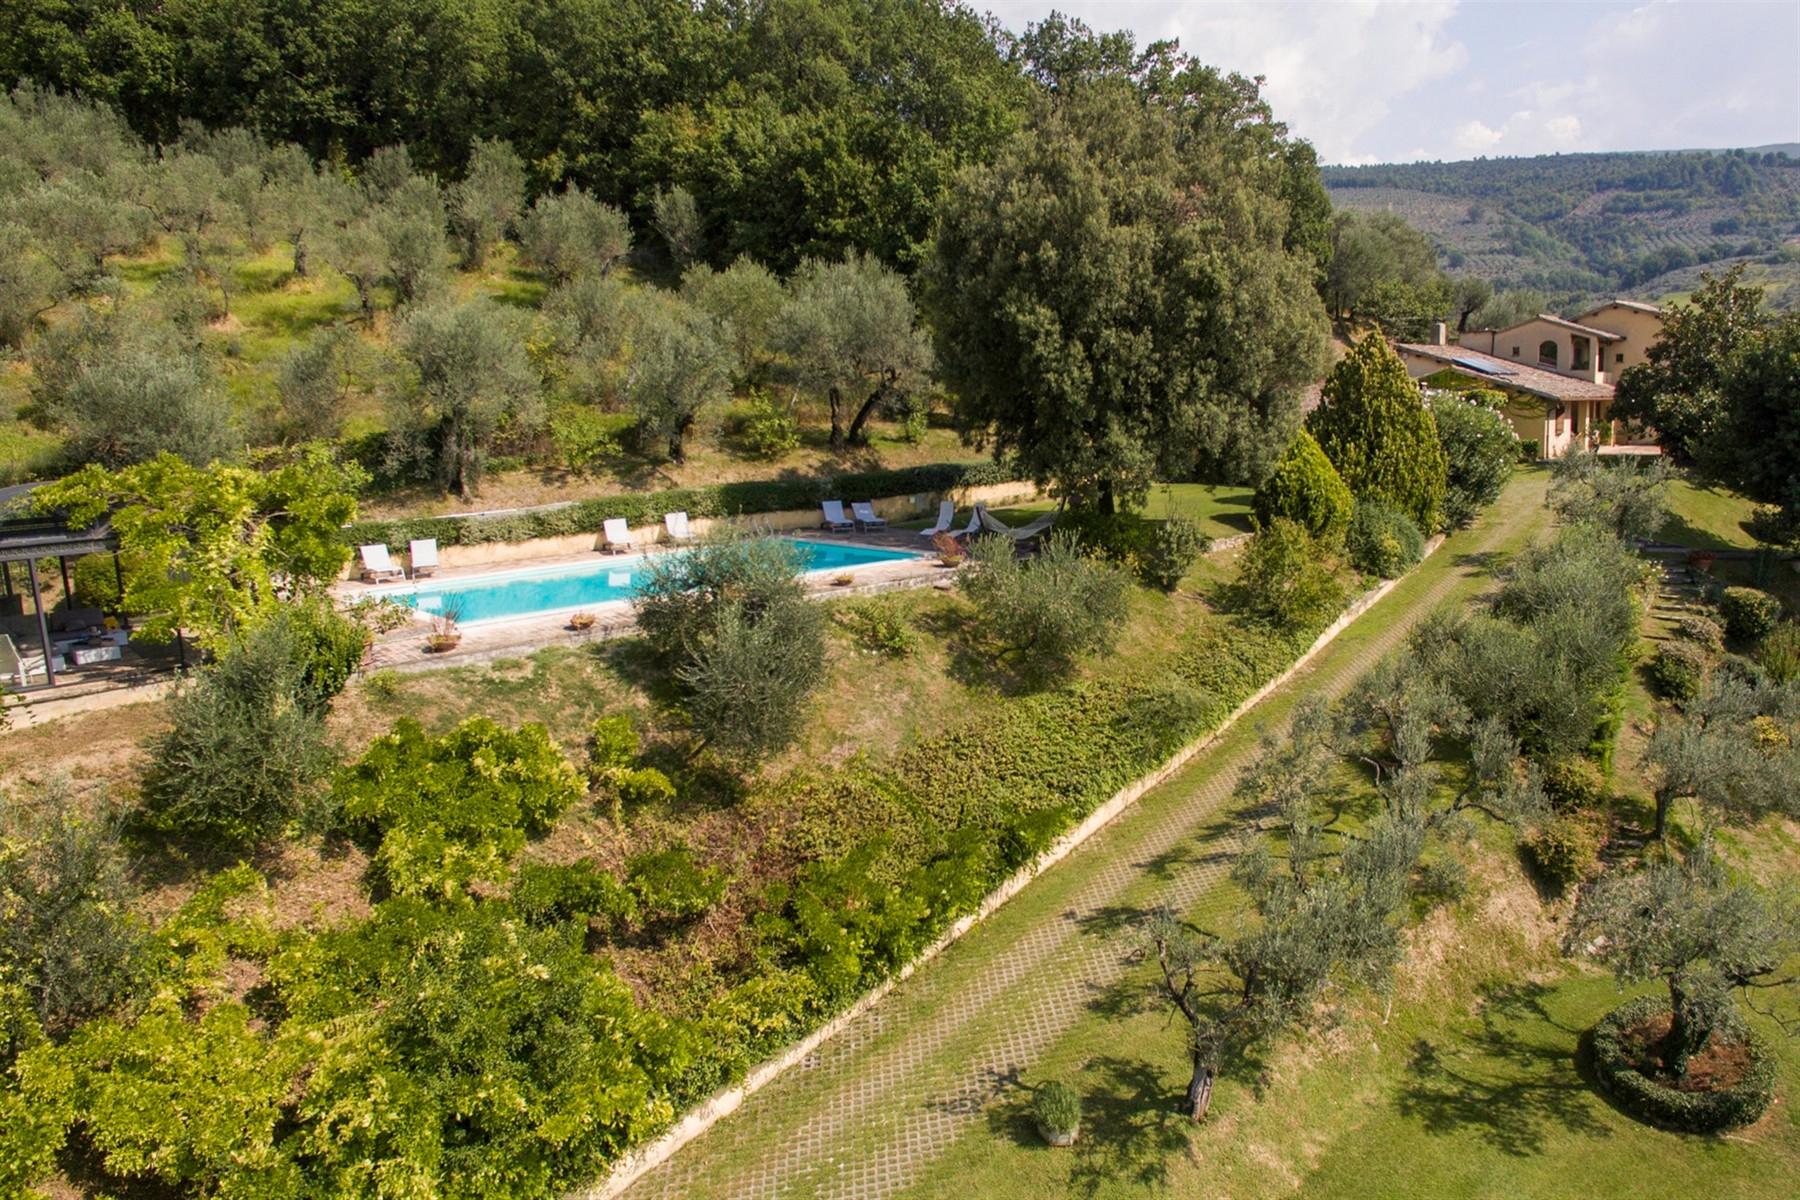 Villa in Vendita a Foligno: 5 locali, 350 mq - Foto 28